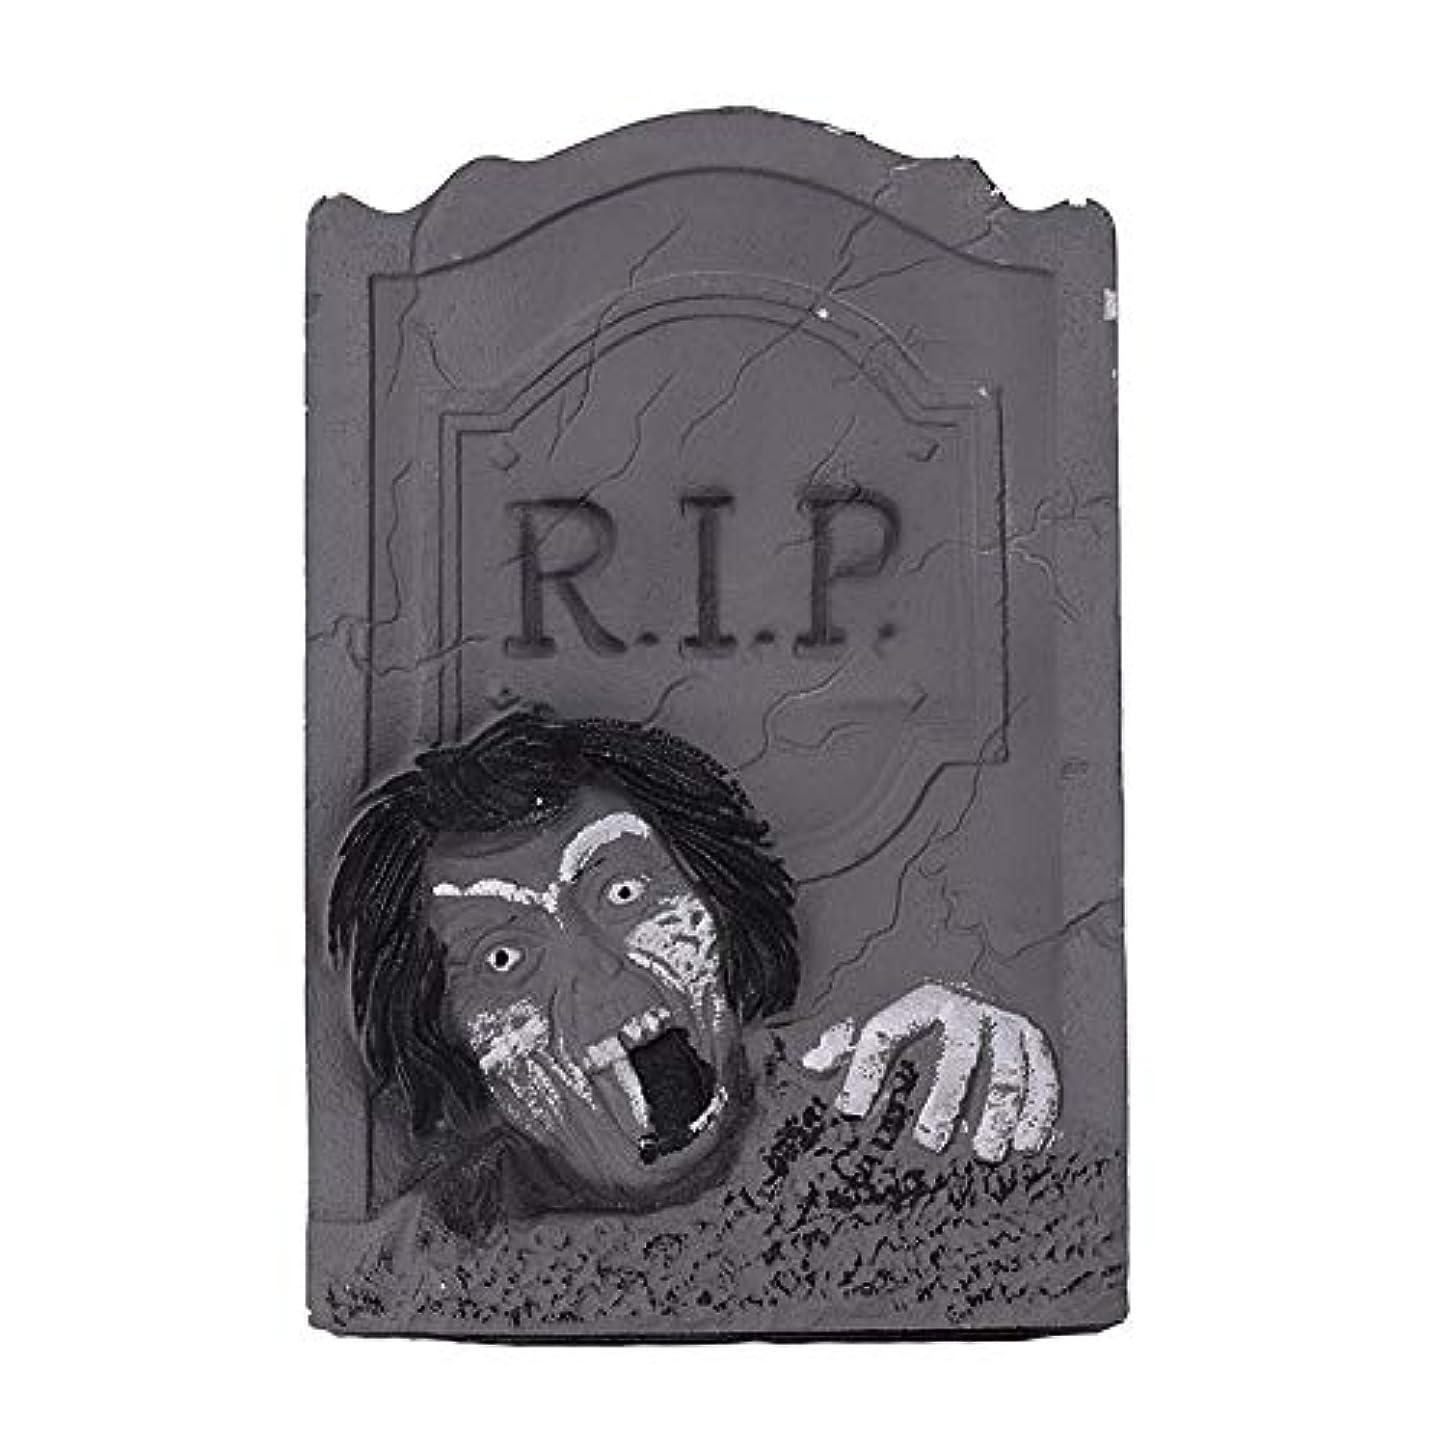 ブロックする準備フレキシブルETRRUU HOME ハロウィーンの装飾新しい墓石バーKTVお化け屋敷秘密の部屋ホラー装飾品写真の小道具